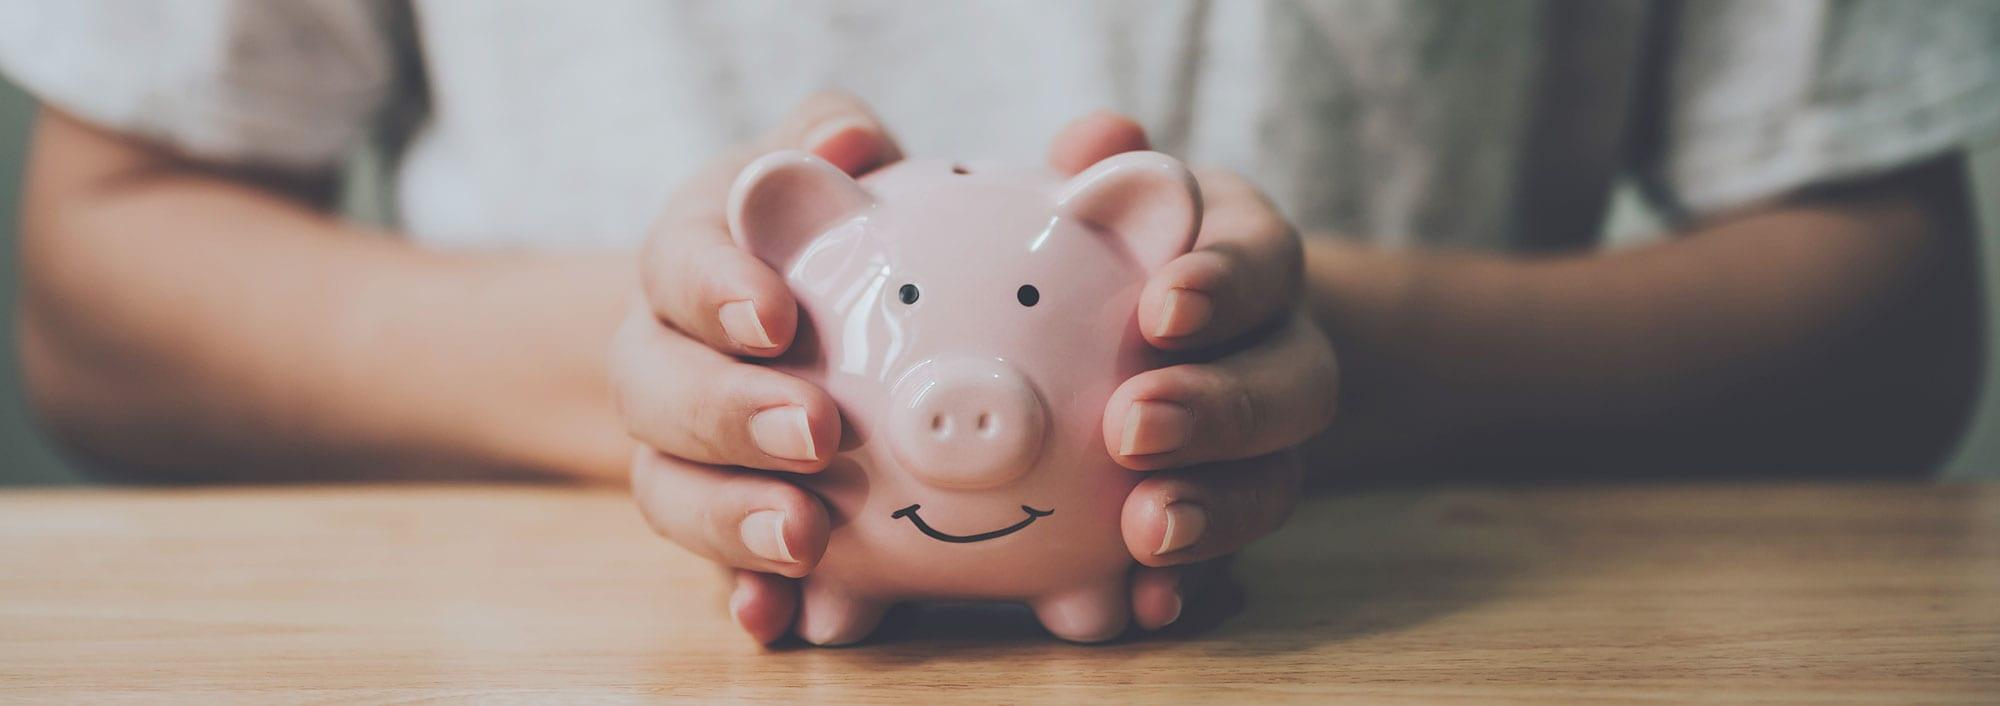 health insurance financial goals